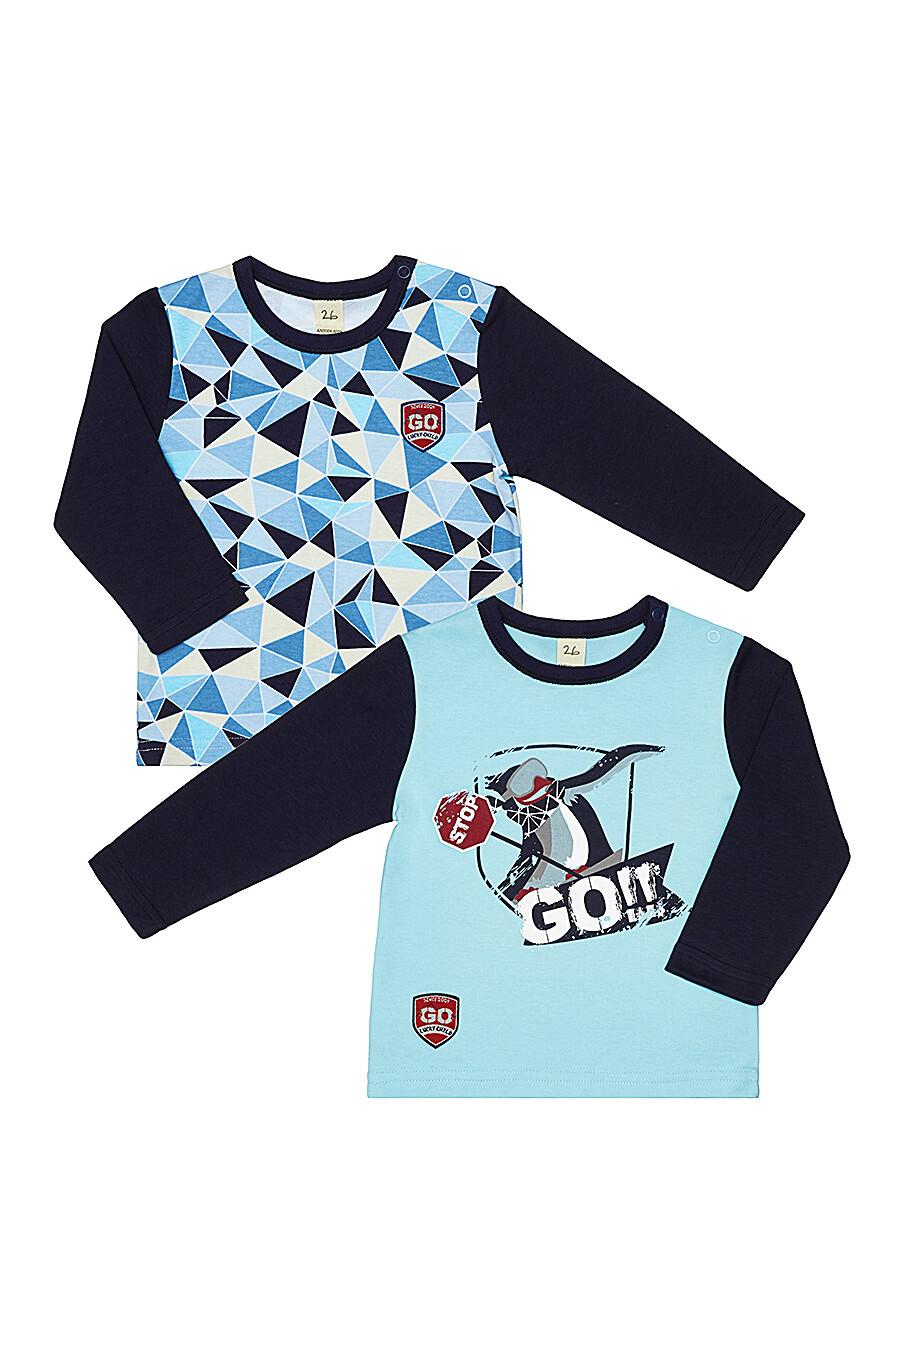 Джемпер 2 шт. для мальчиков LUCKY CHILD 184708 купить оптом от производителя. Совместная покупка детской одежды в OptMoyo